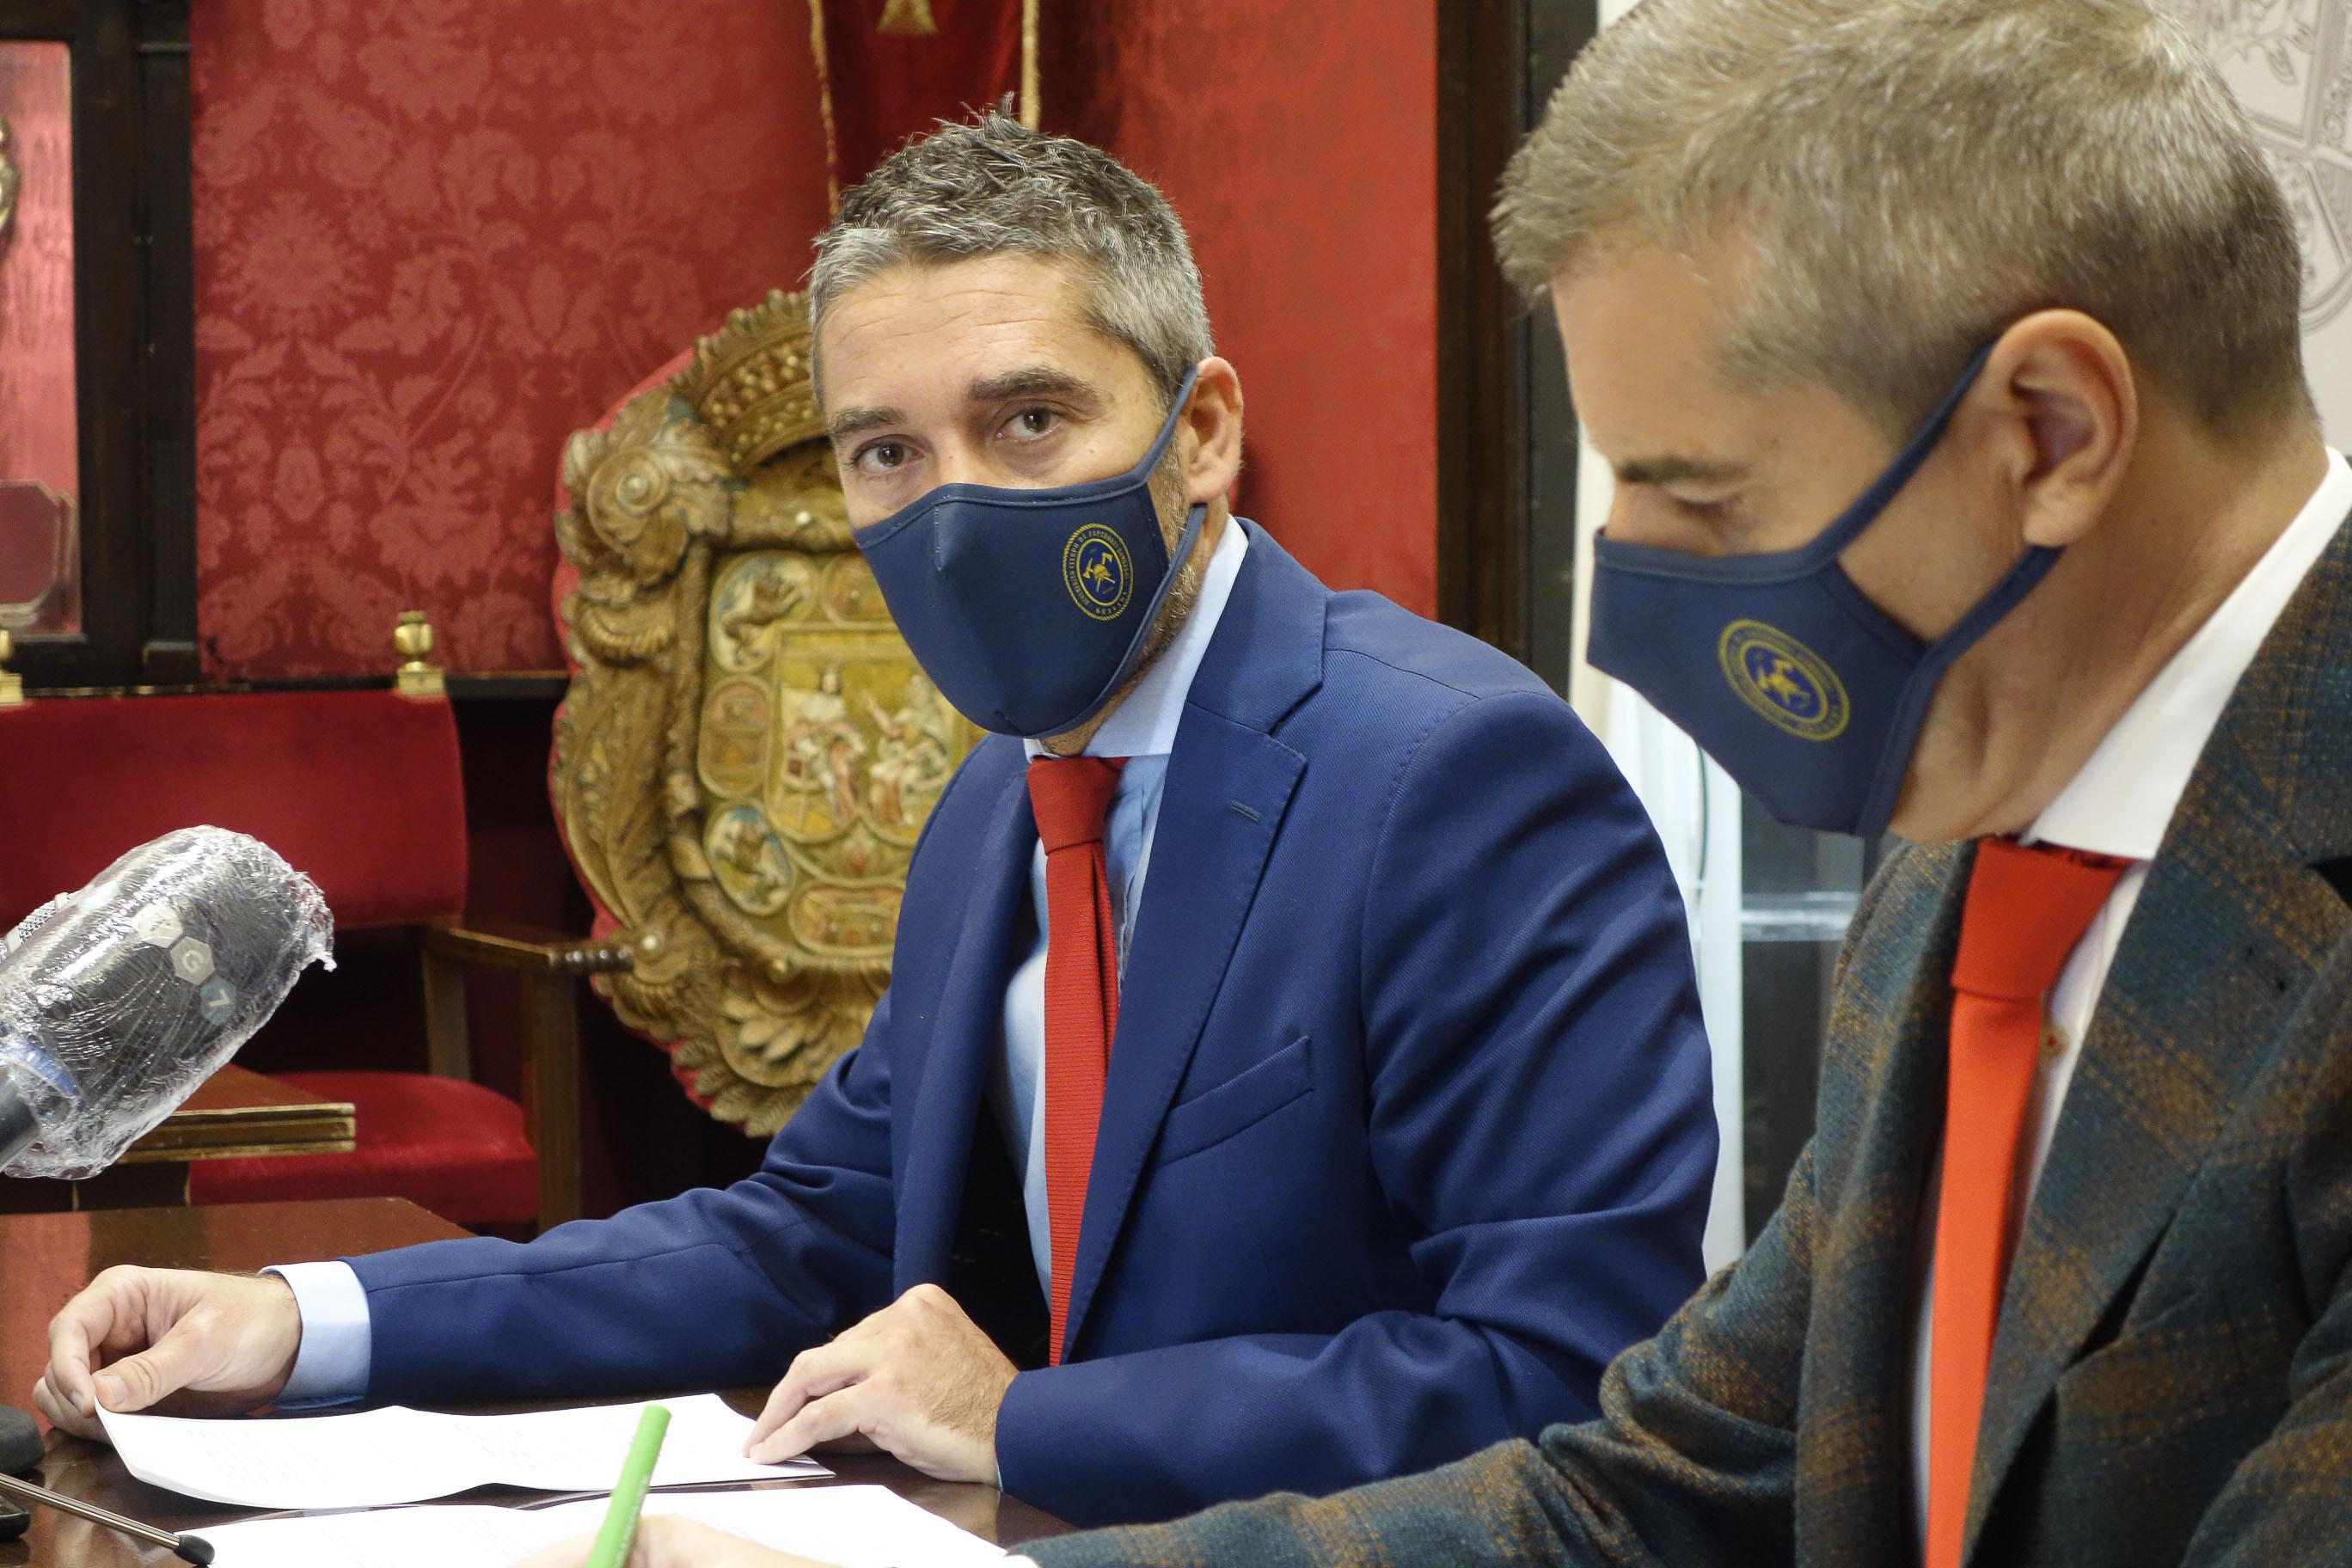 El Equipo de Gobierno propone una declaración institucional para condenar los actos vandálicos